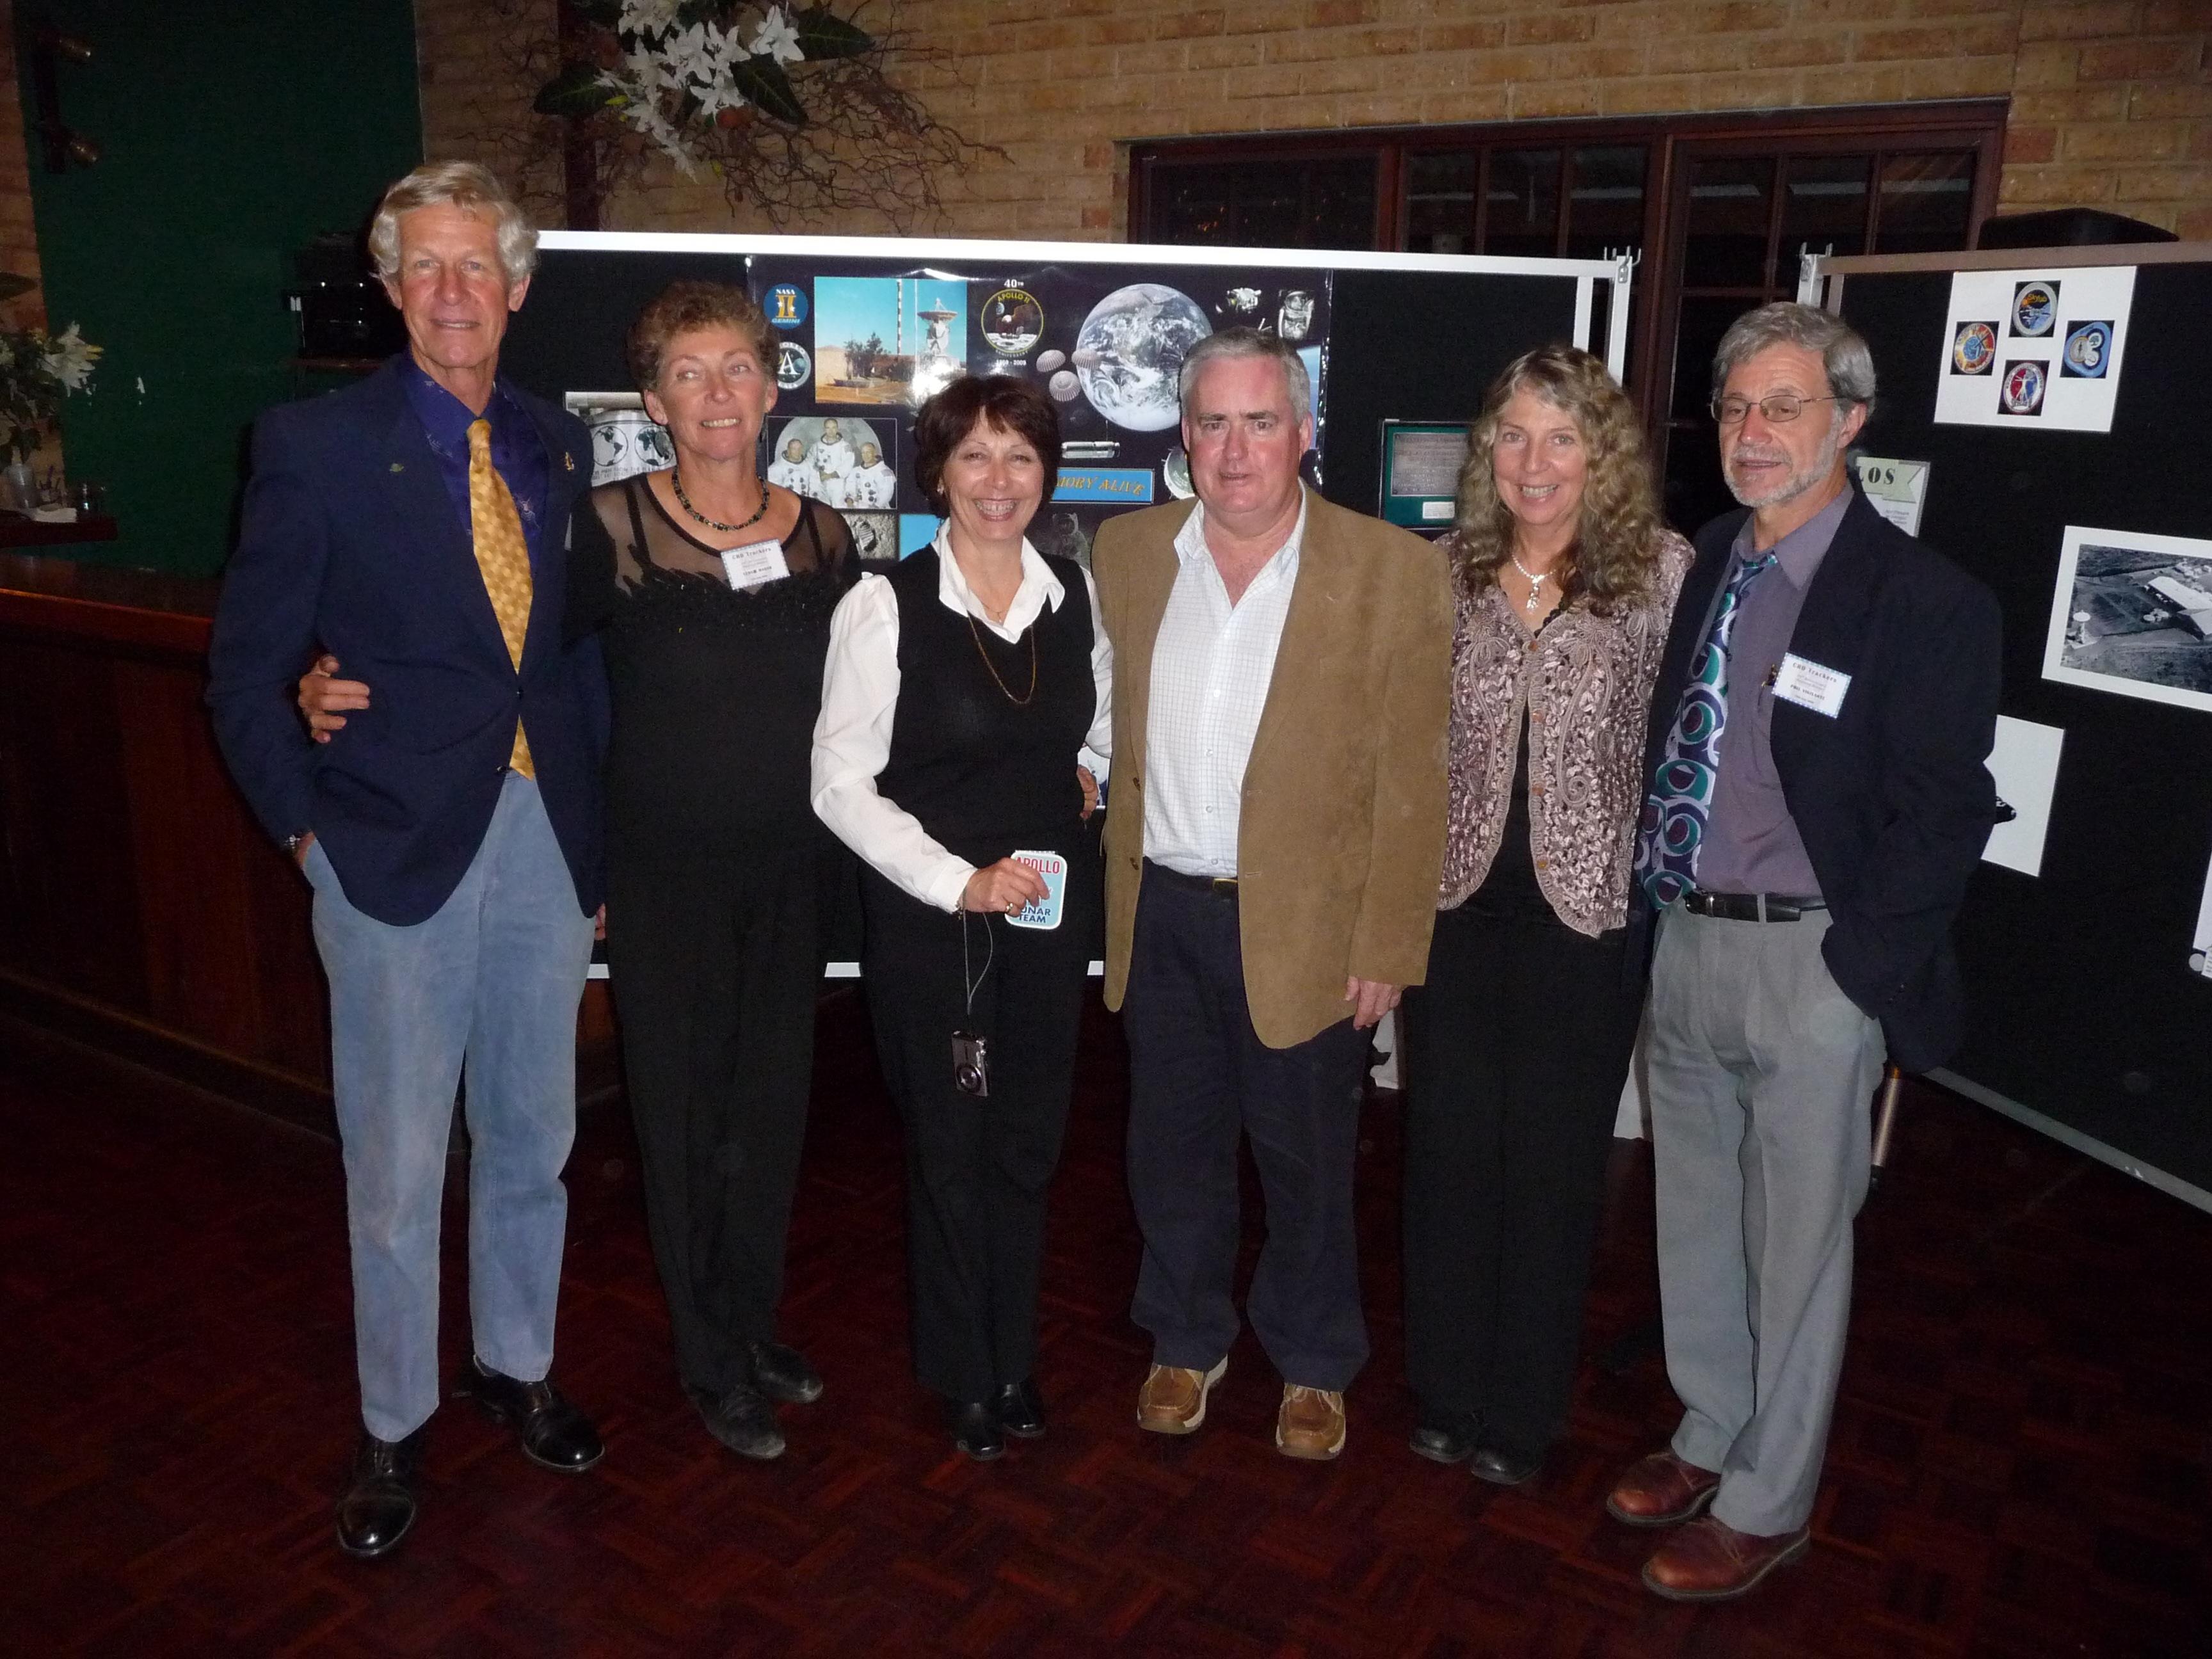 Mike & Leone (Fitzgerald) Marsh, Joan (Fitzgerald) & Robert Brown, Sally (Fitzgerald) & Phil Vigilan